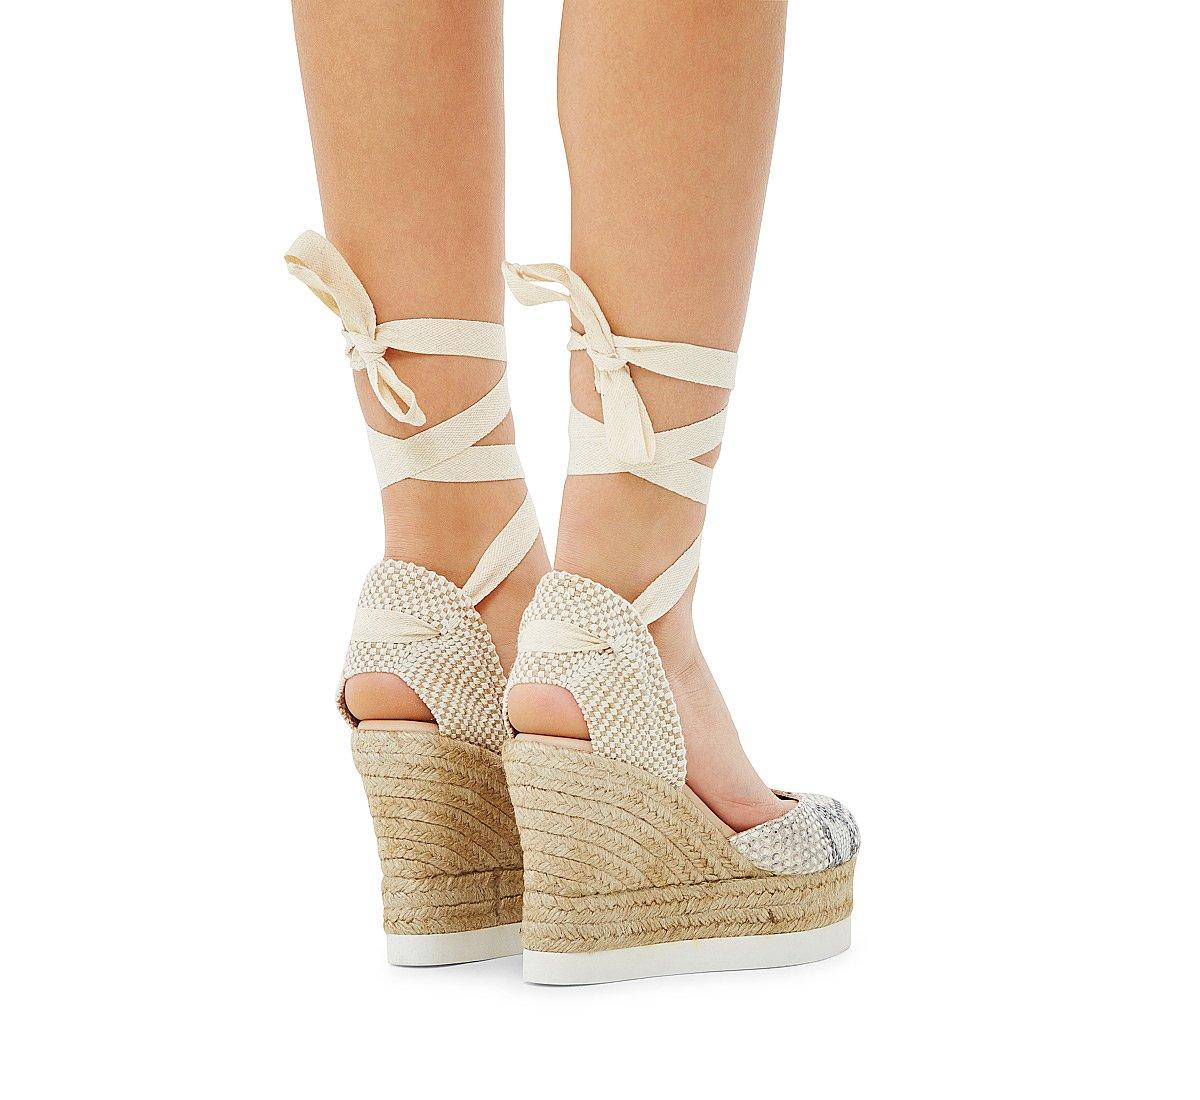 Fabric sandals